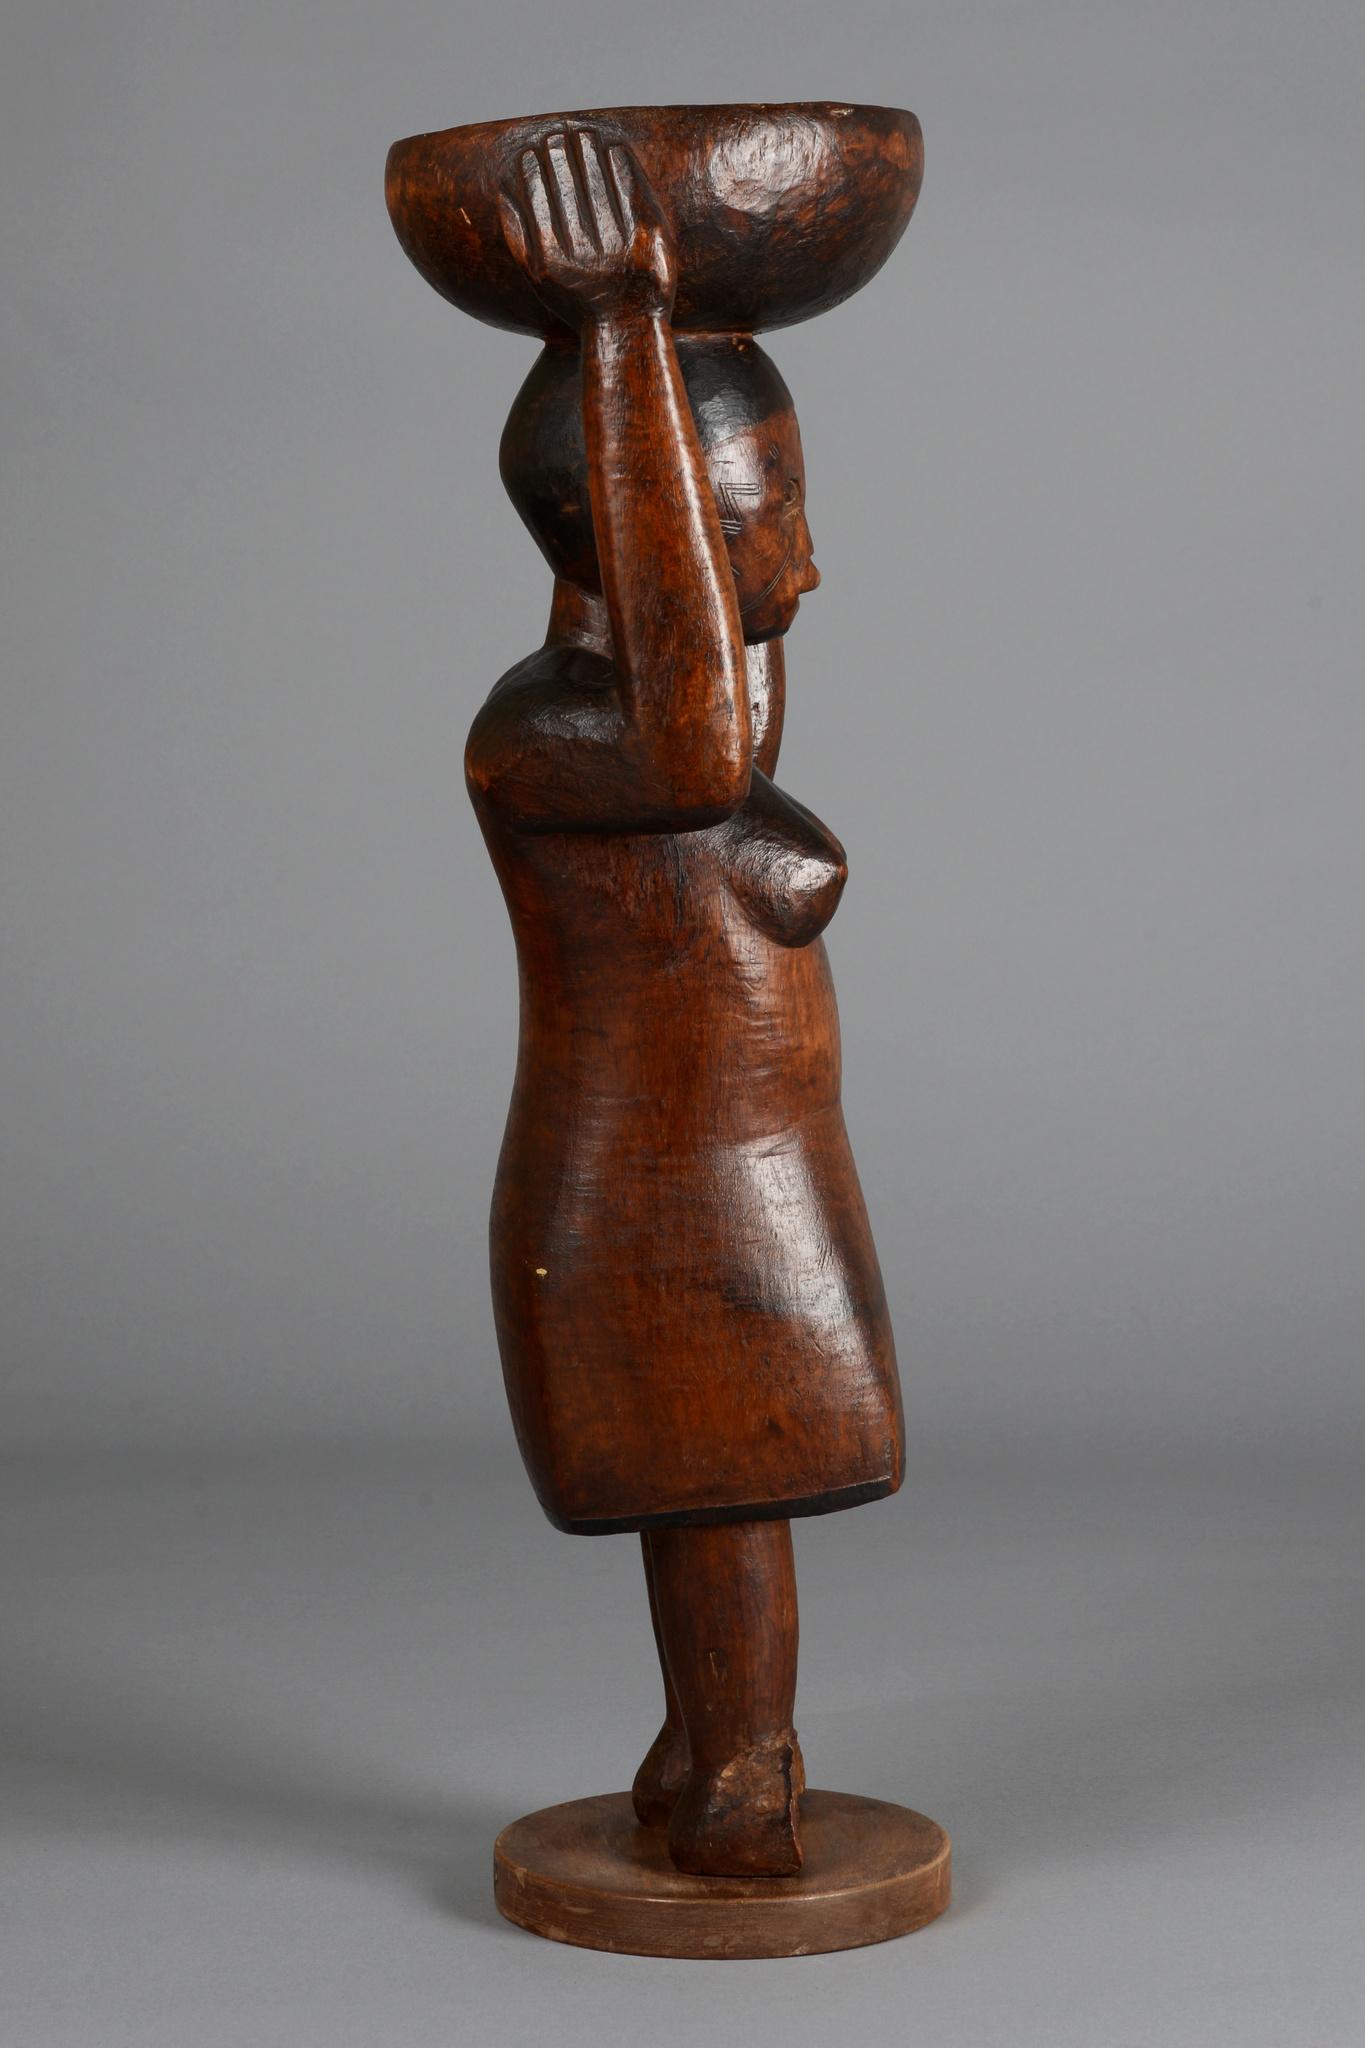 Female bowl bearer, before 1920